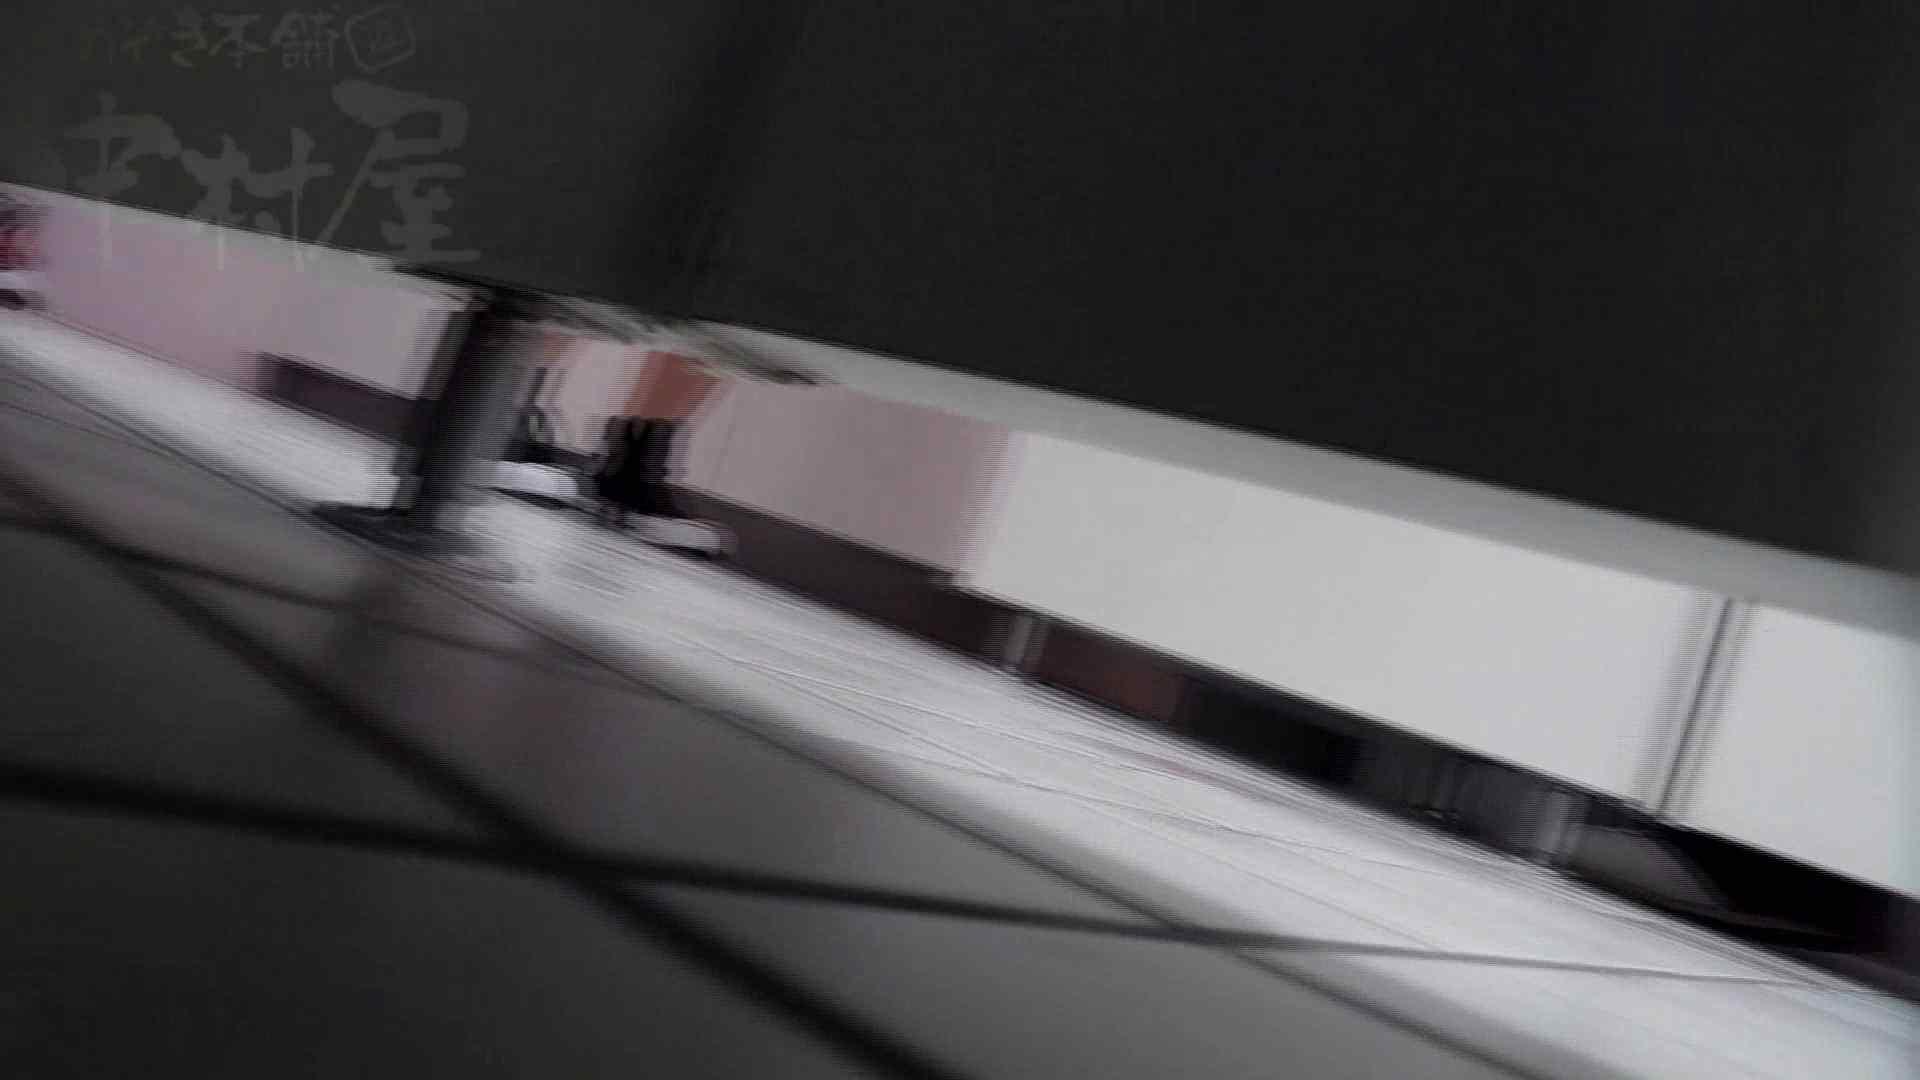 美しい日本の未来 No.22 未来進歩3 感動レベル予告のモデルつい登場か!! トイレの中の女の子 盗撮動画紹介 60連発 47